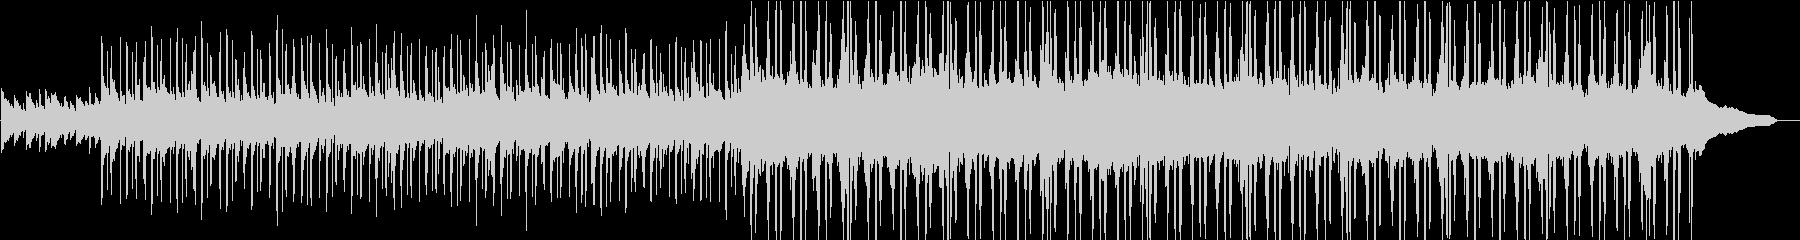 VP系10B、穏やか【メロ抜き】の未再生の波形